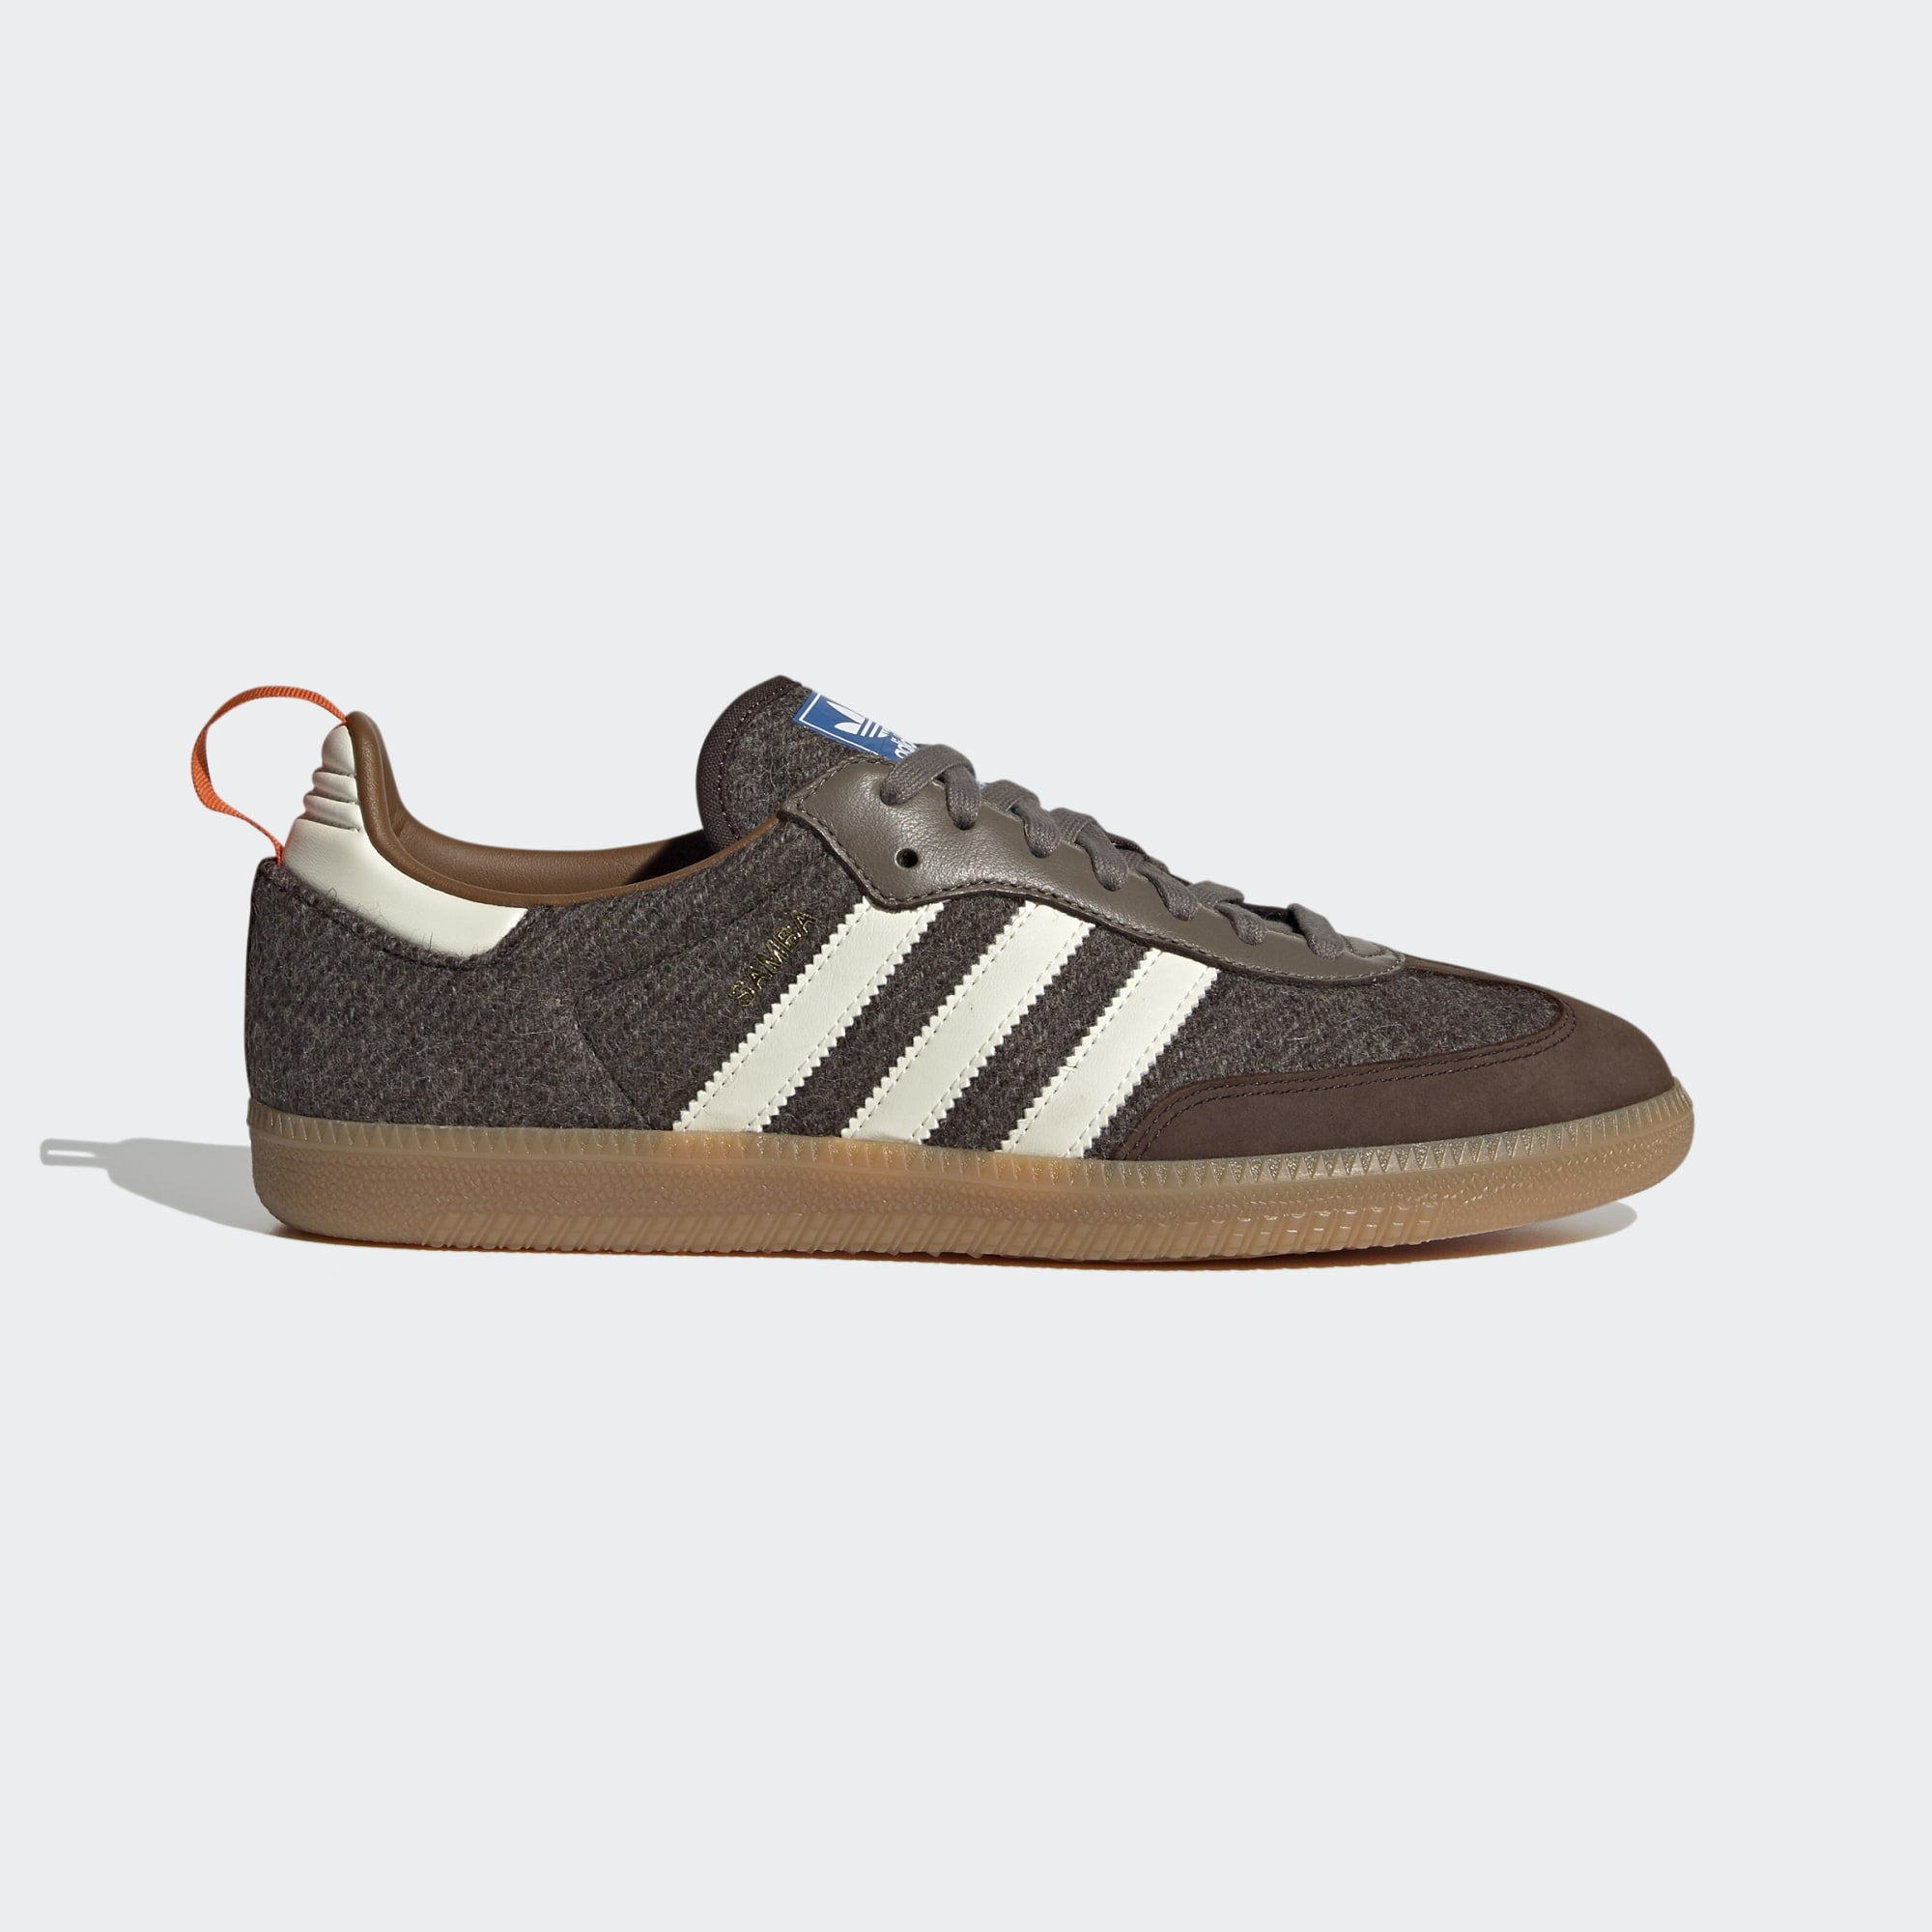 Samba_Fox_Shoes_Brown_H04942_01_standard.jpg